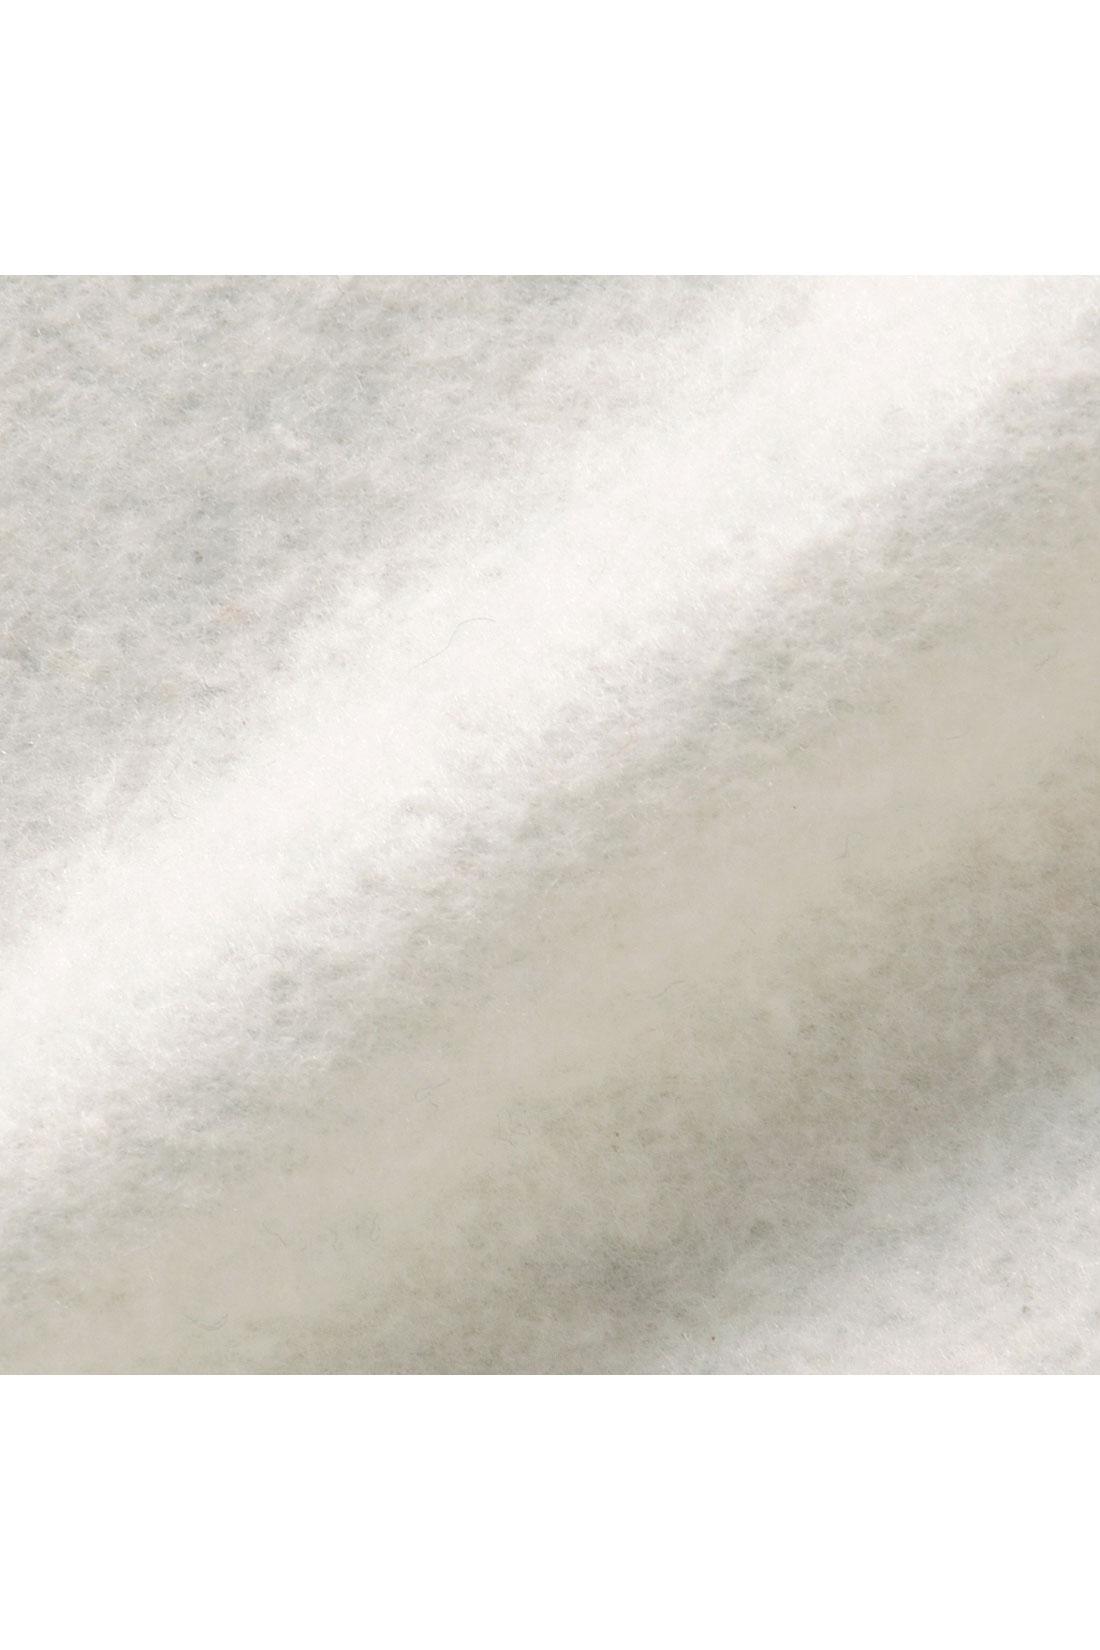 スウェット素材に裏起毛をかけてふんわりやさしい肌当たりに。